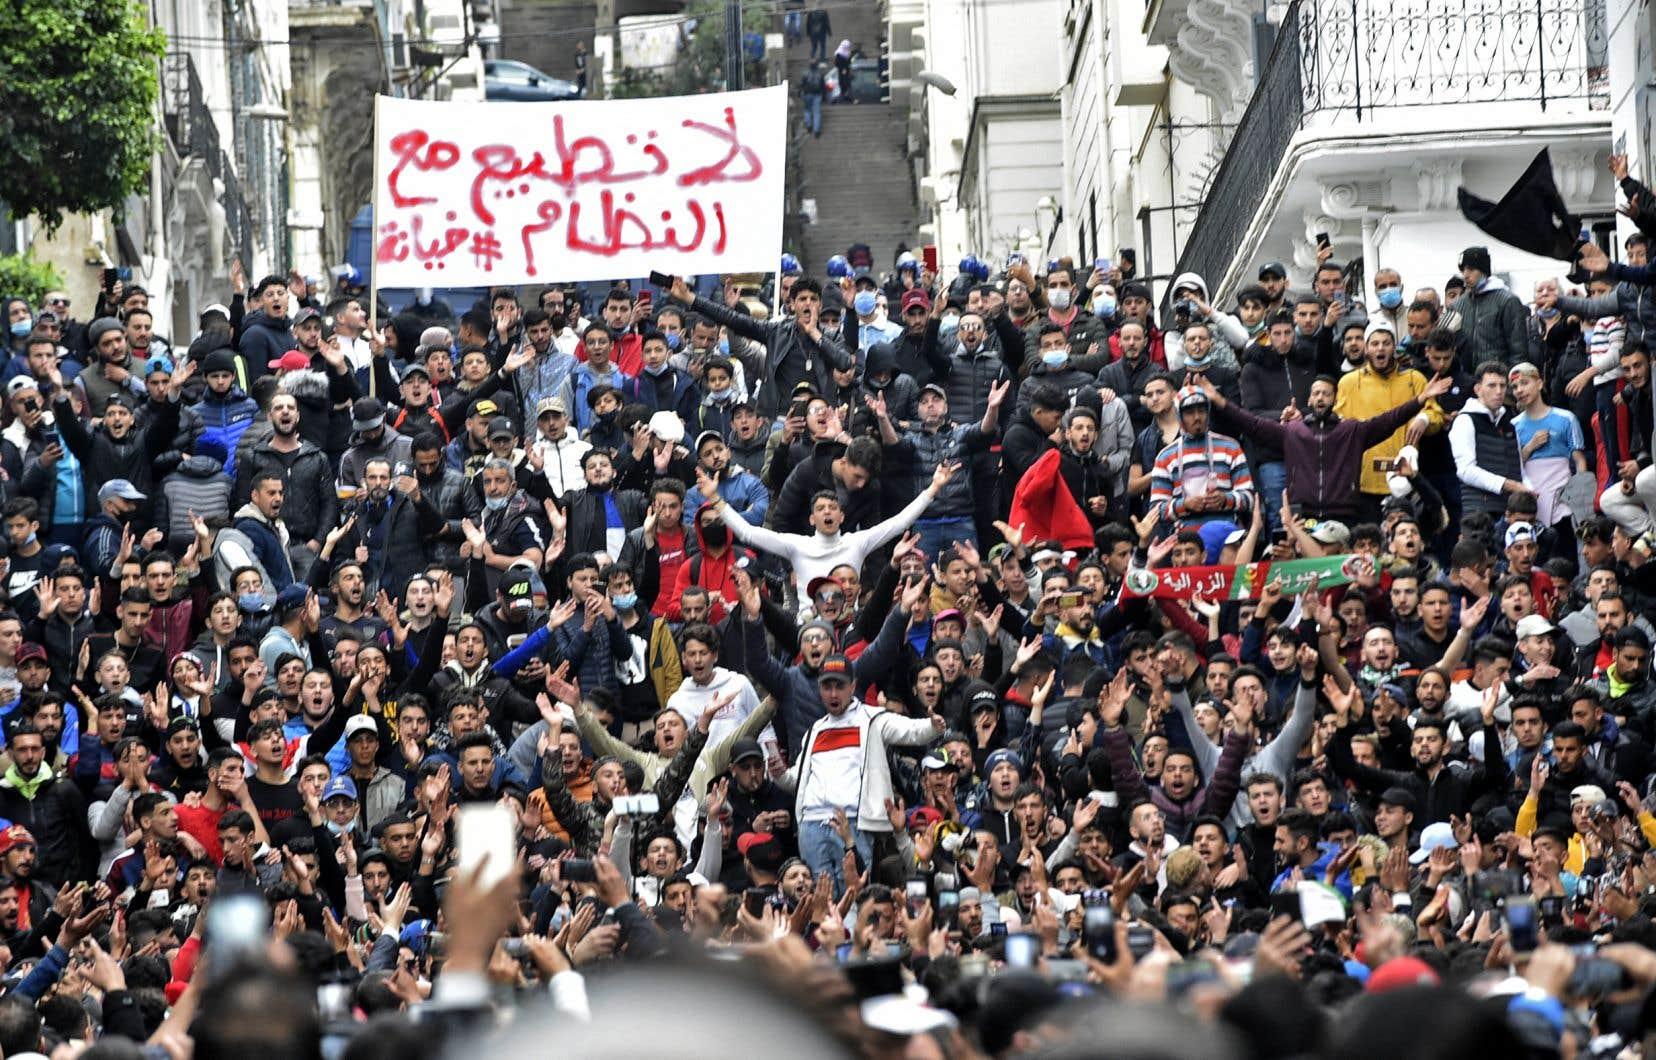 Ils étaient des milliers à manifester à Alger contre le pouvoir politique en place. Sur la banderole, il est écrit «Non à la normalisation avec le régime».